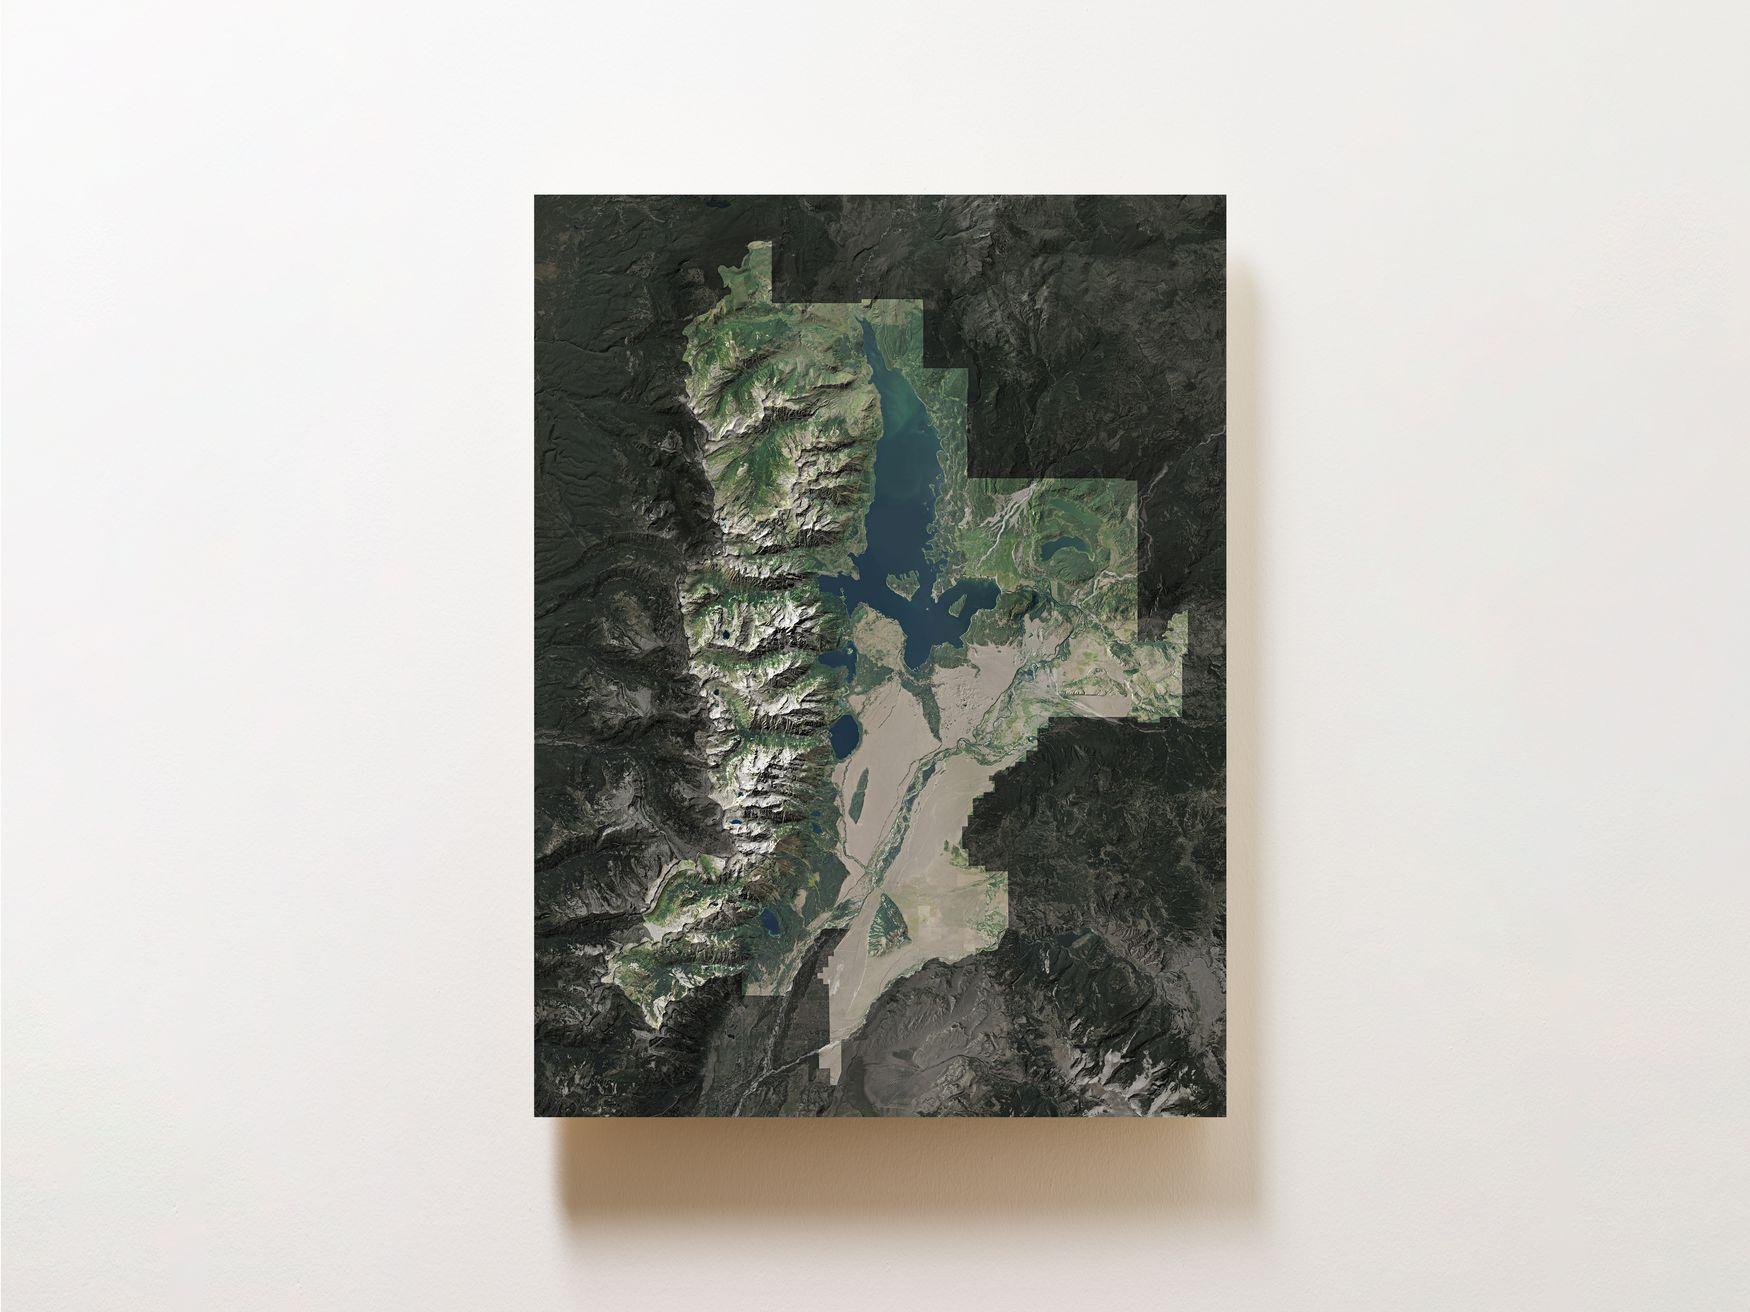 Grand Teton National Park Wall Map